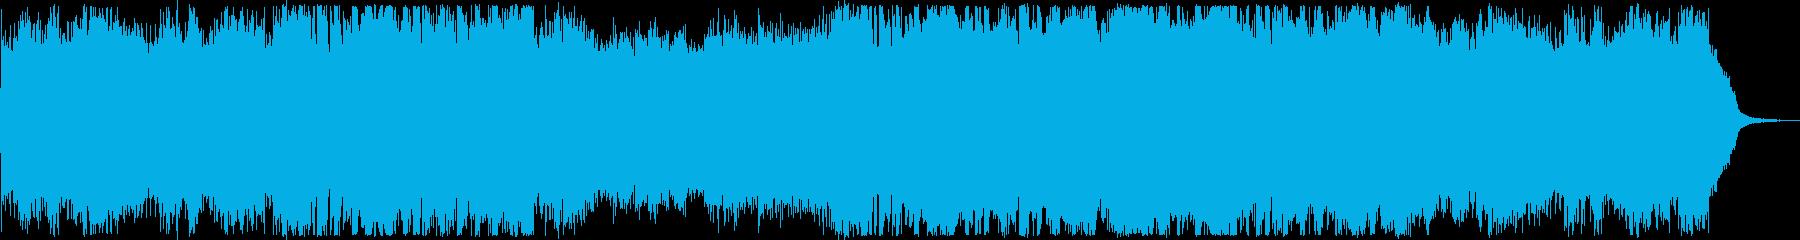 女性ボーカル・おしゃれフューチャーベースの再生済みの波形